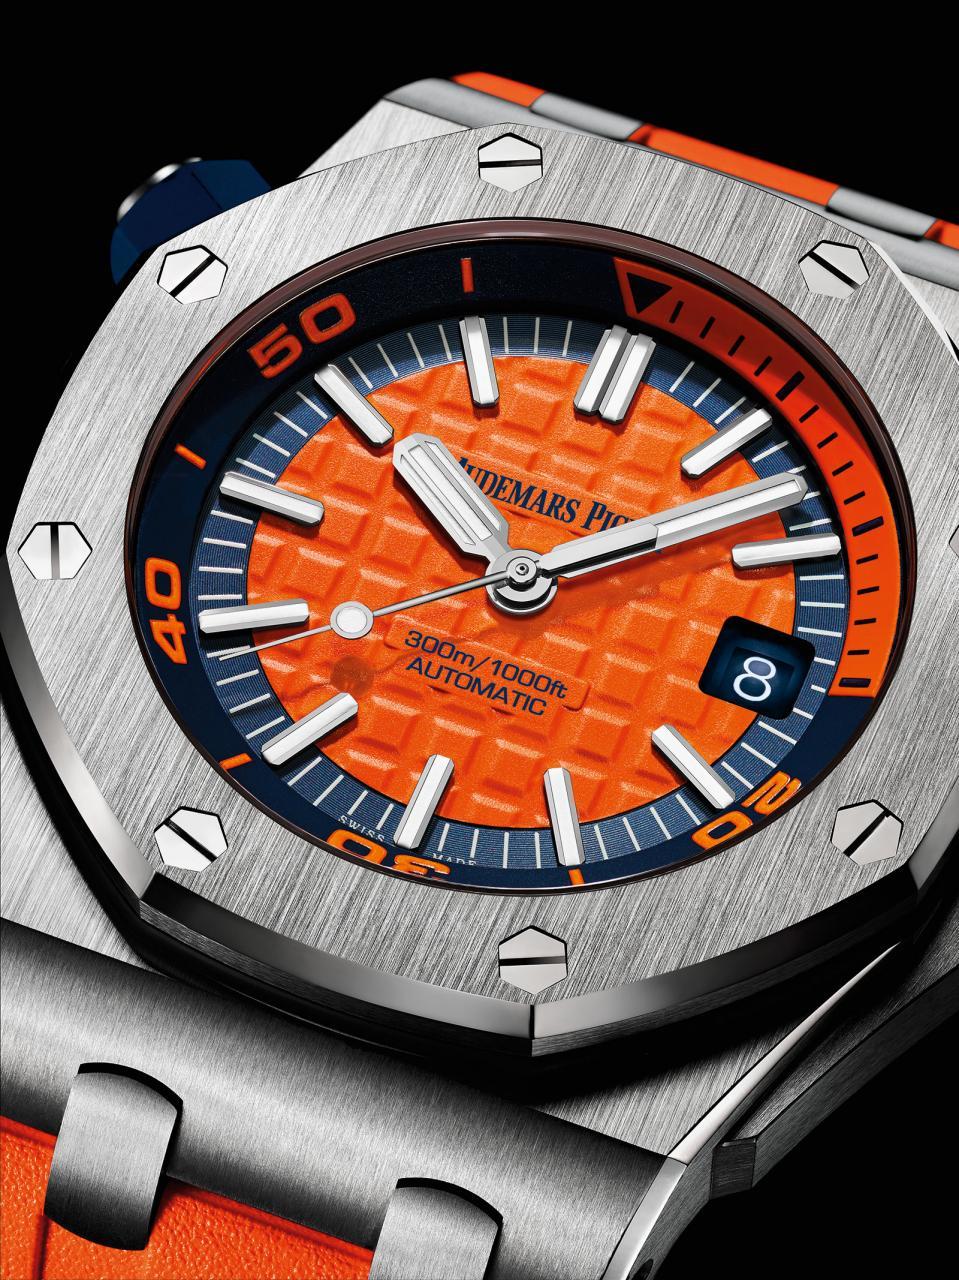 Audemars Piguet Royal Oak Offshore Diver orange